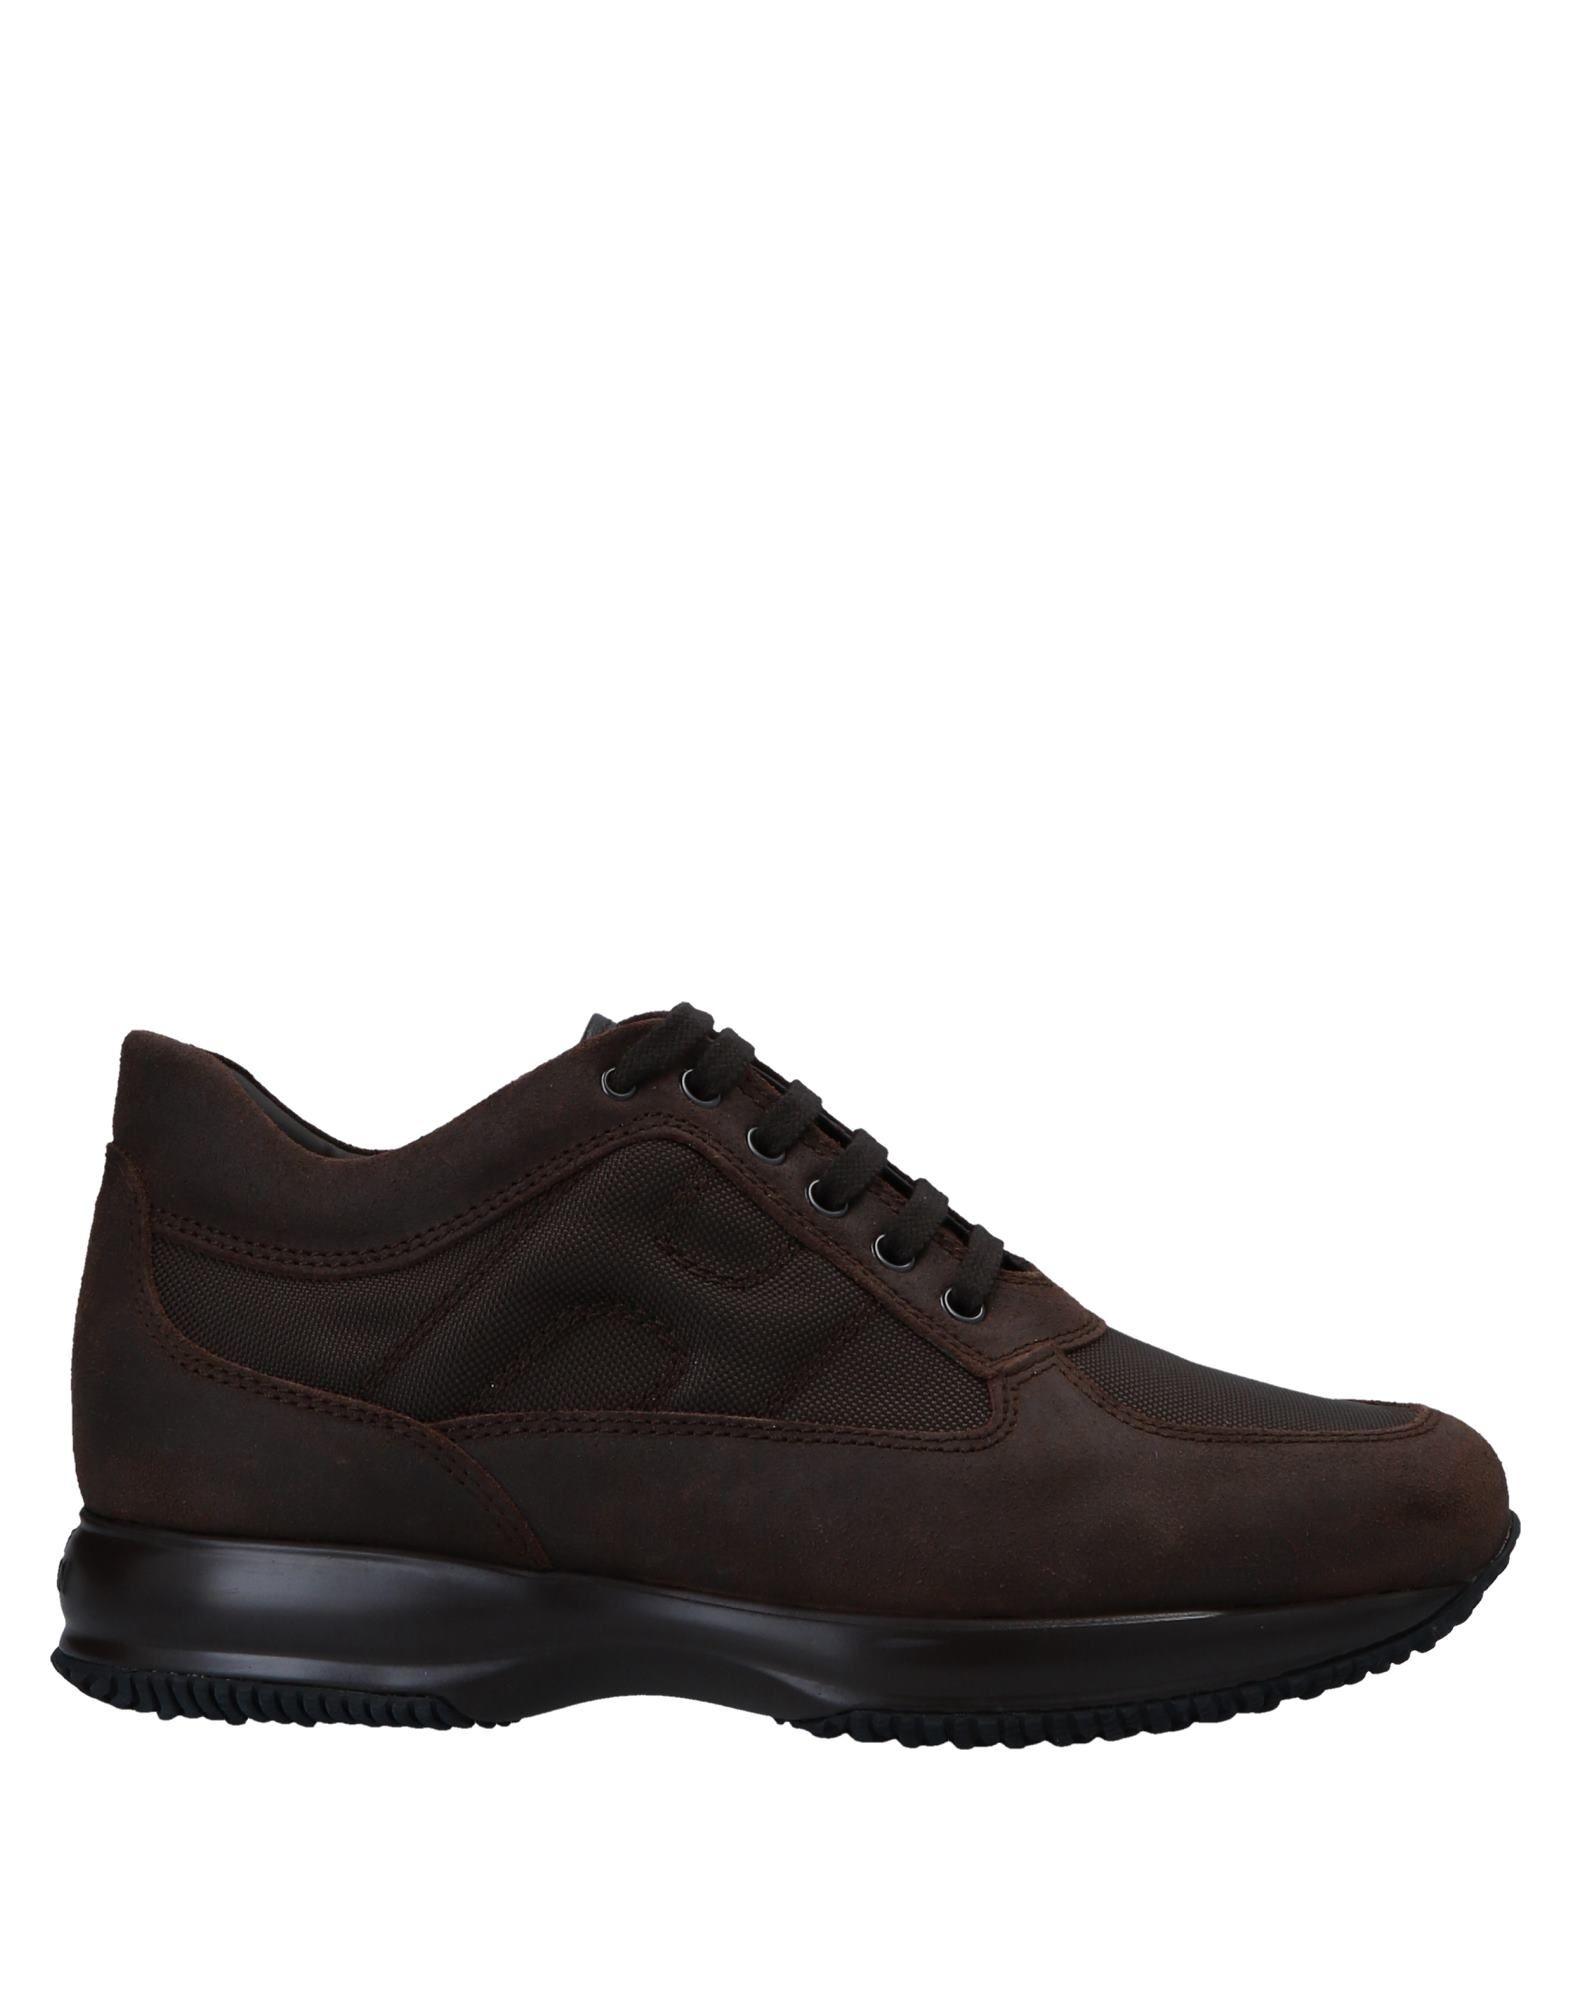 Los mujeres zapatos más populares para hombres y mujeres Los  Zapatillas Hogan Hombre - Zapatillas Hogan e3a7ab